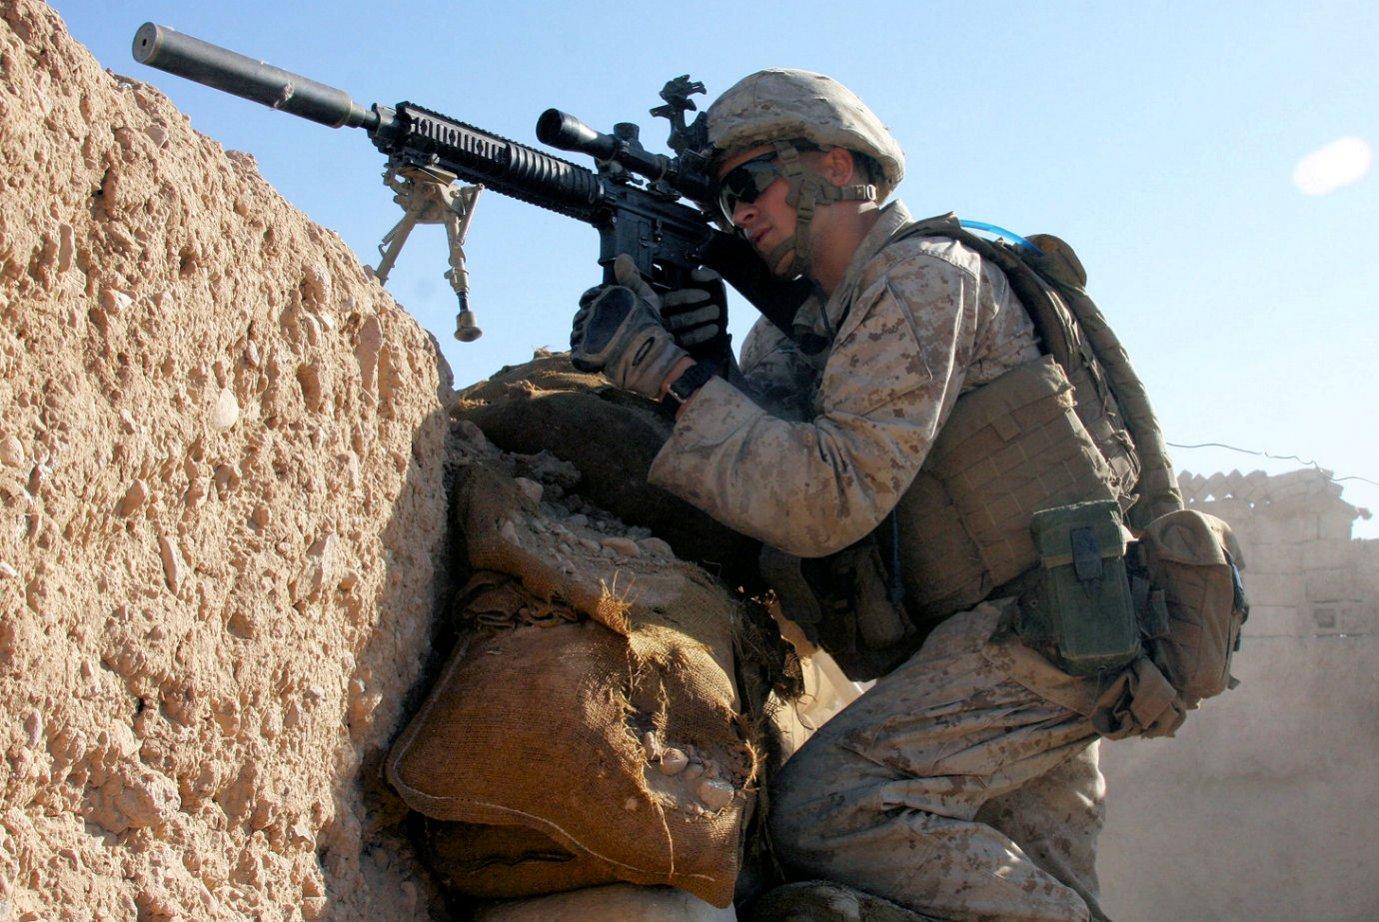 Click image for larger version.  Name:Lance Cpl Steven J Zandstra Nov 1 2010 Sangin Afghanistan.jpg Views:77 Size:274.2 KB ID:448554